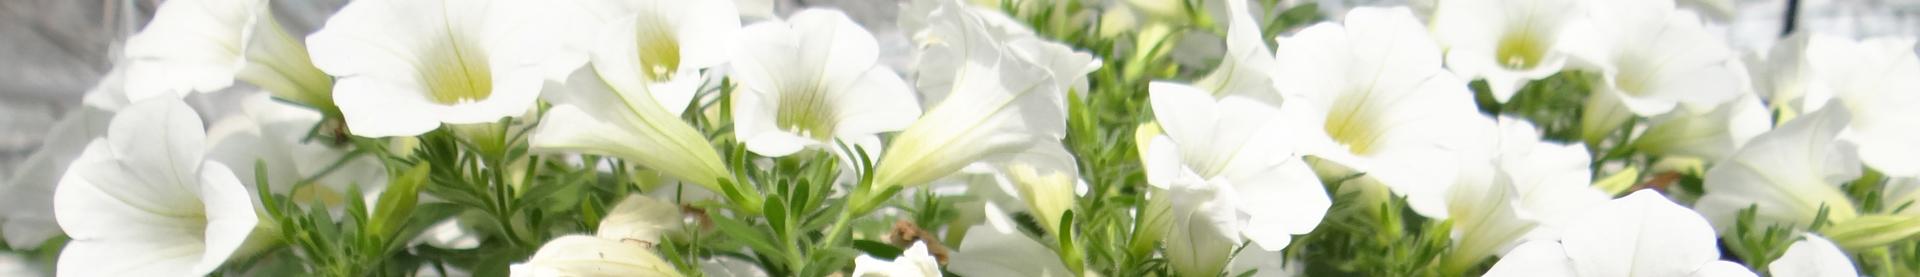 9 rośliny zimowe i wczesno wiosenne florens opole